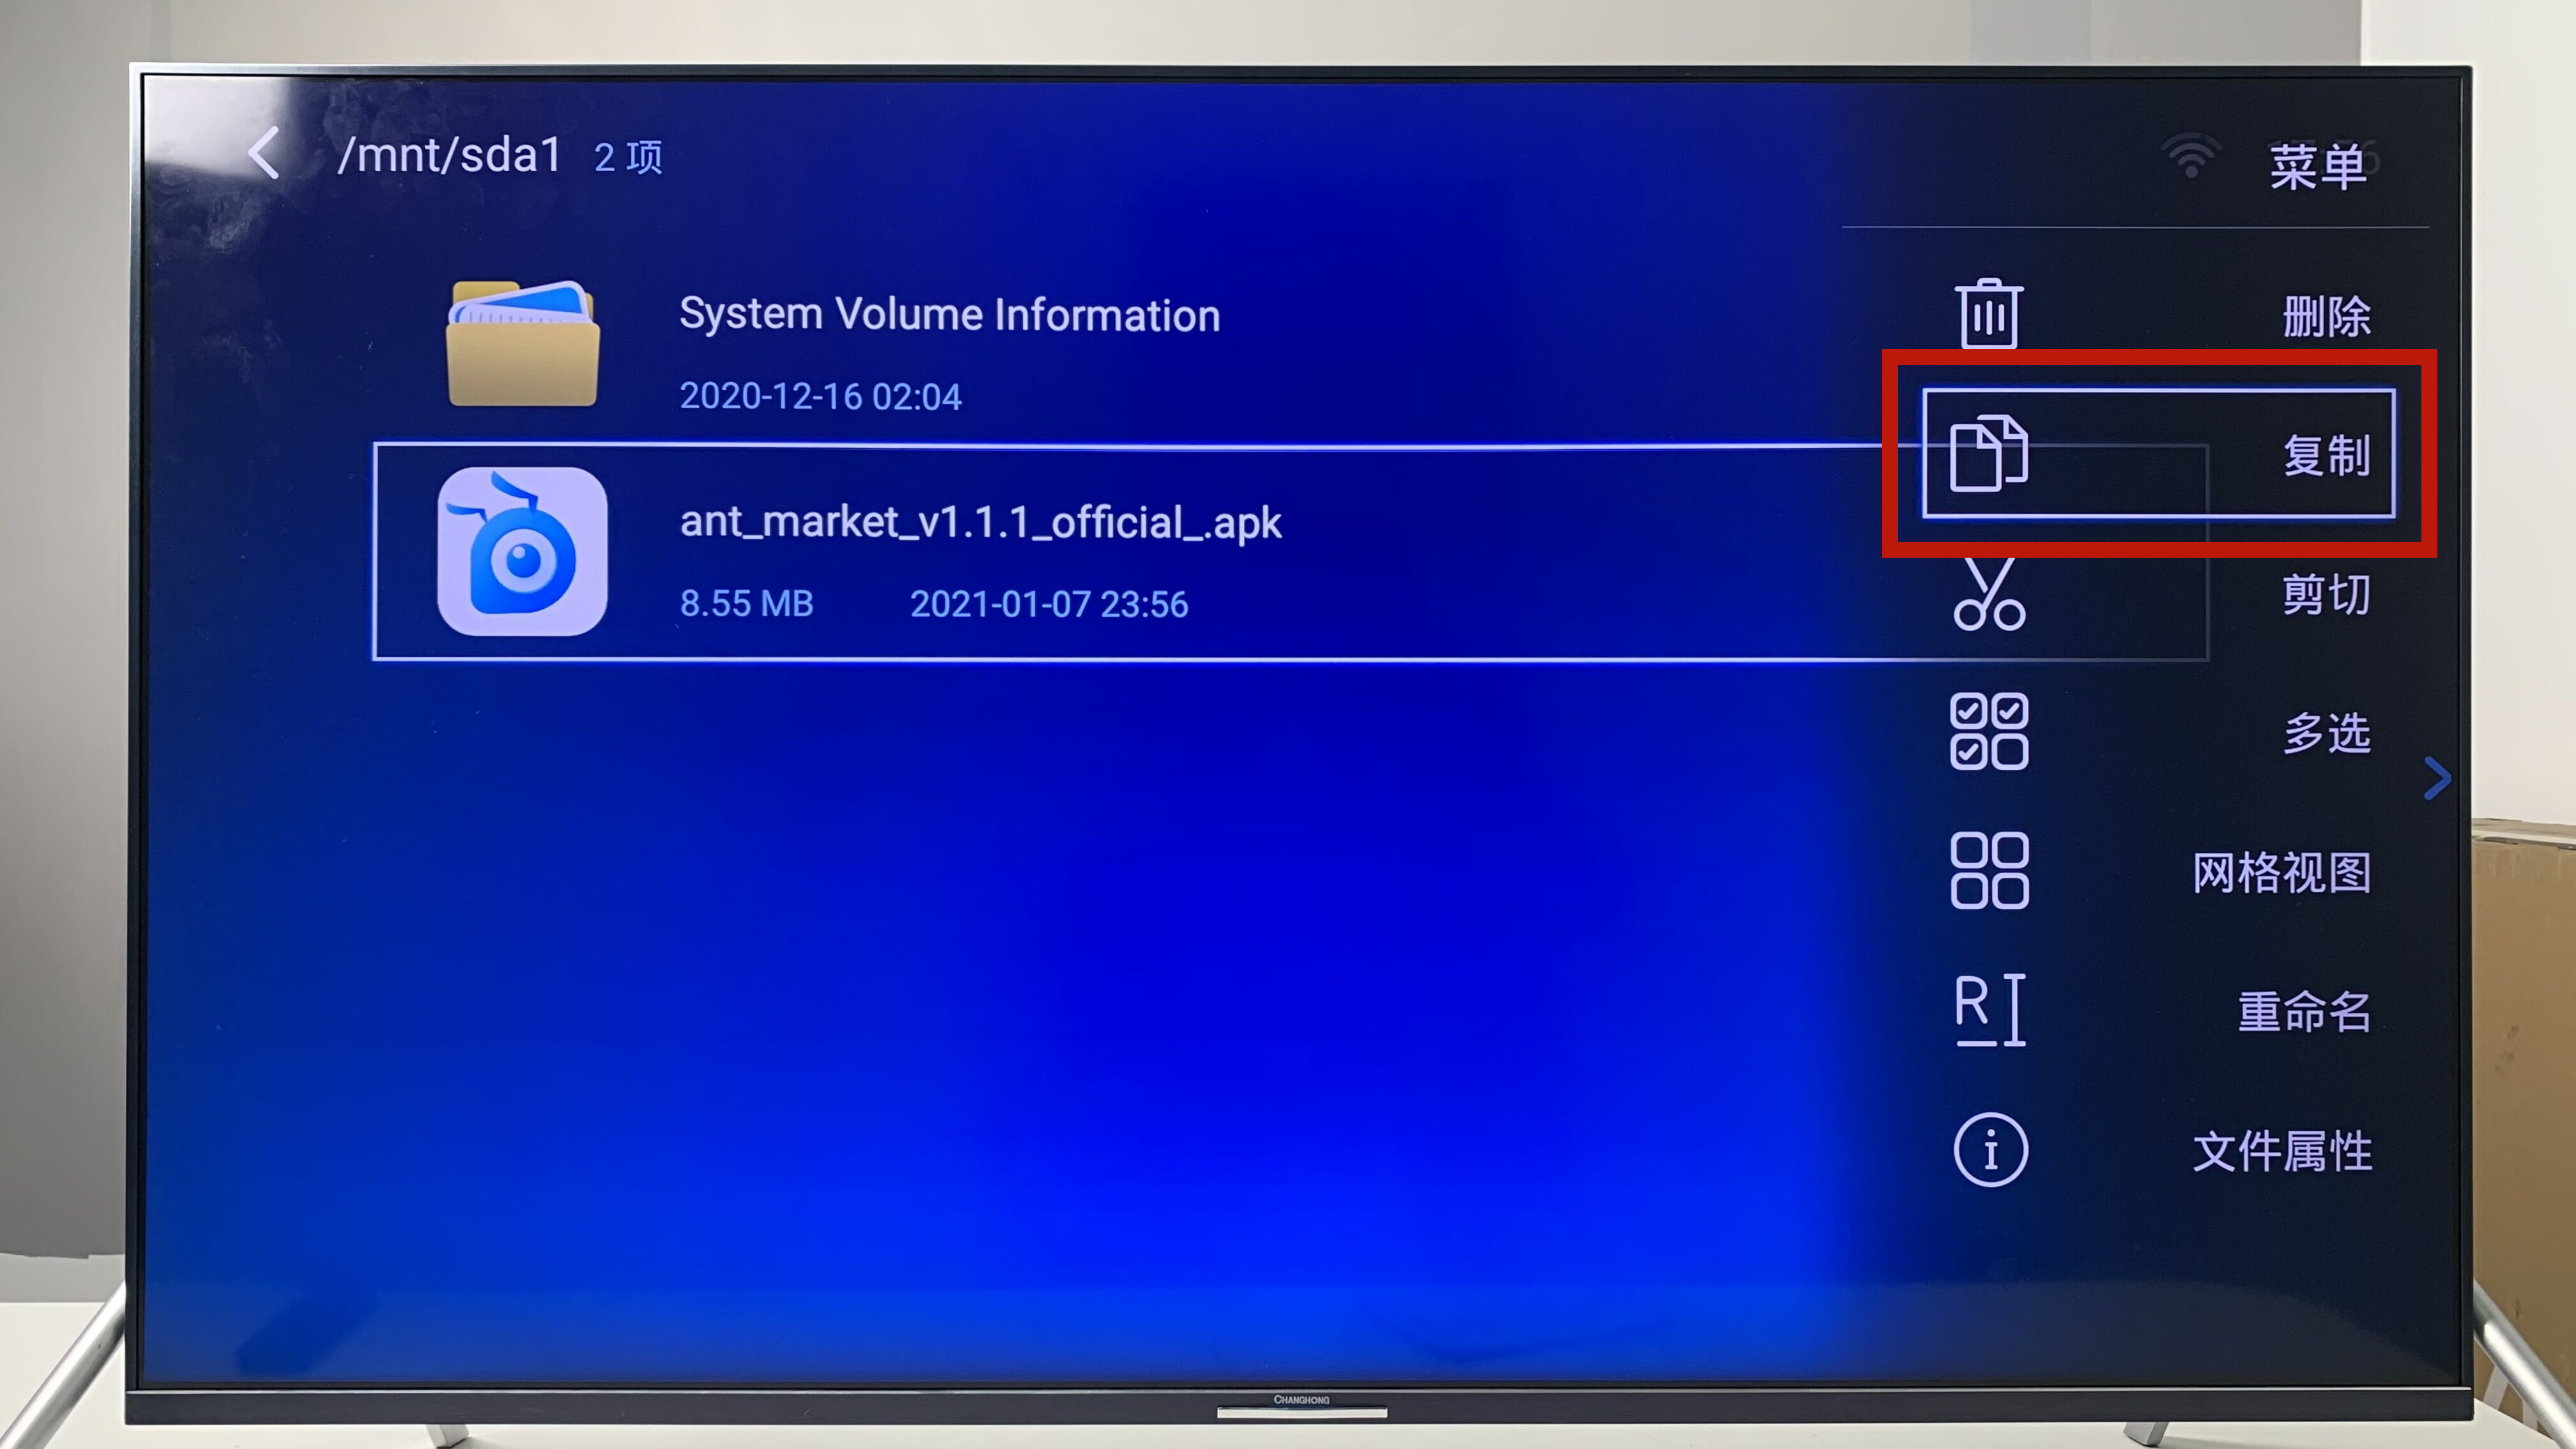 长虹电视怎么下载软件(长虹为什么禁止第3方软件)